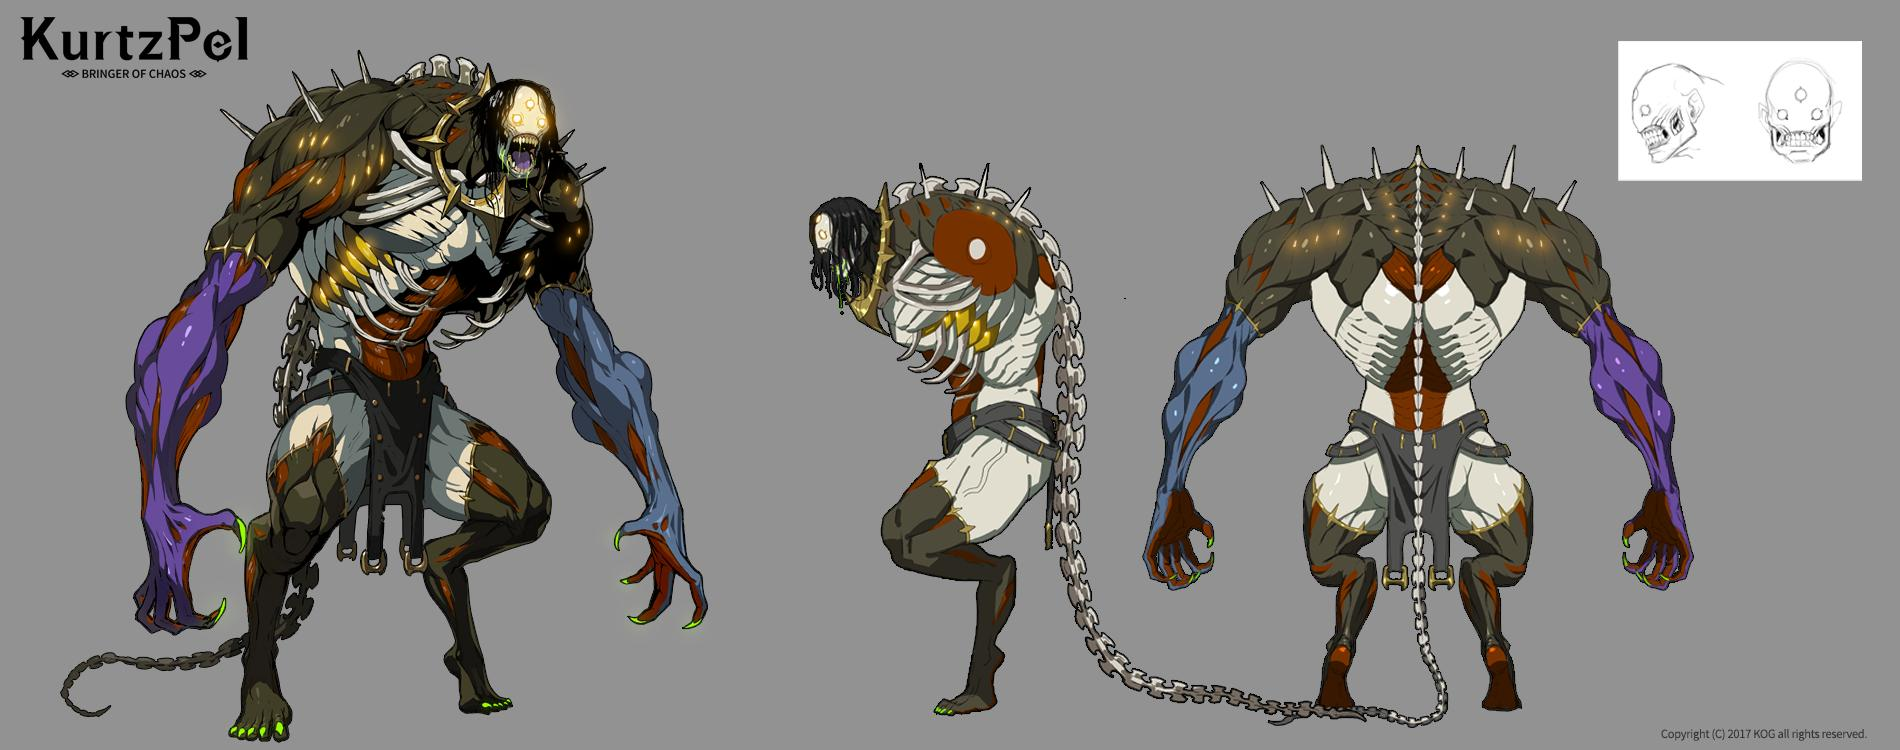 KurtzPel giant creature boss artwork